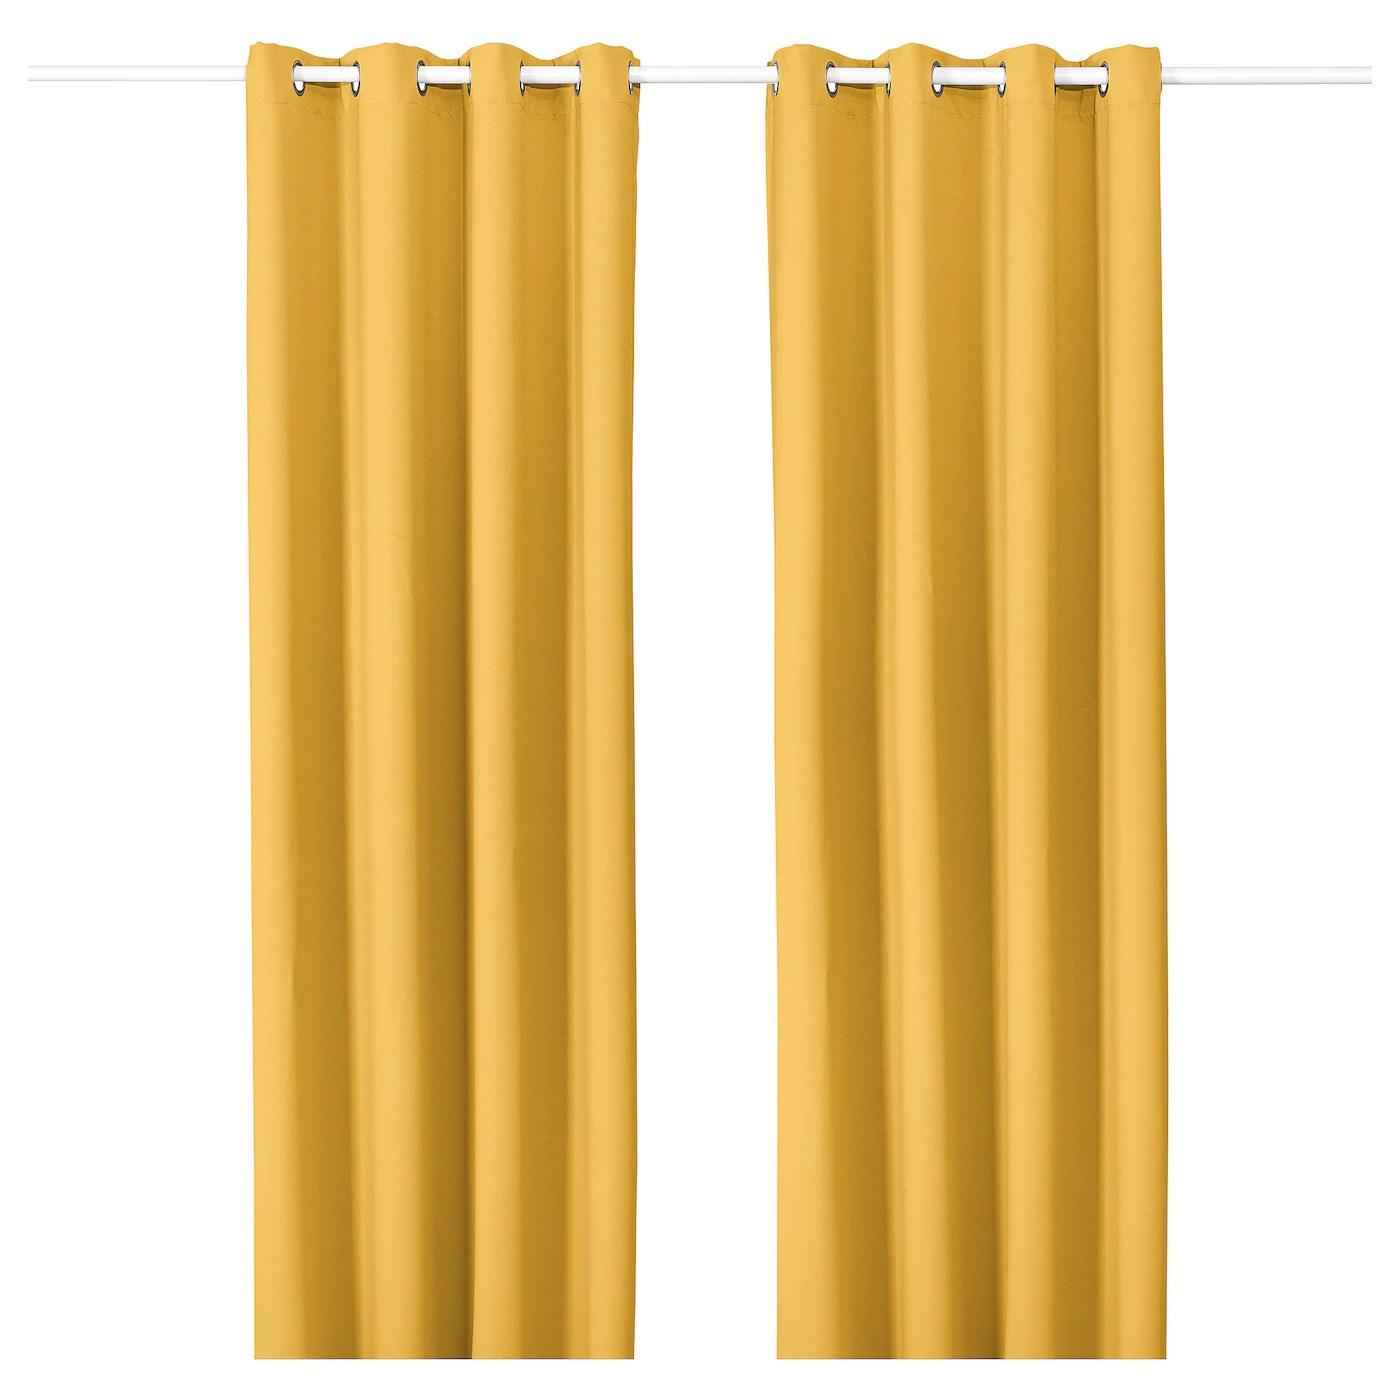 majgull rideaux 2 pieces avec oeillets jaune 145x300 cm